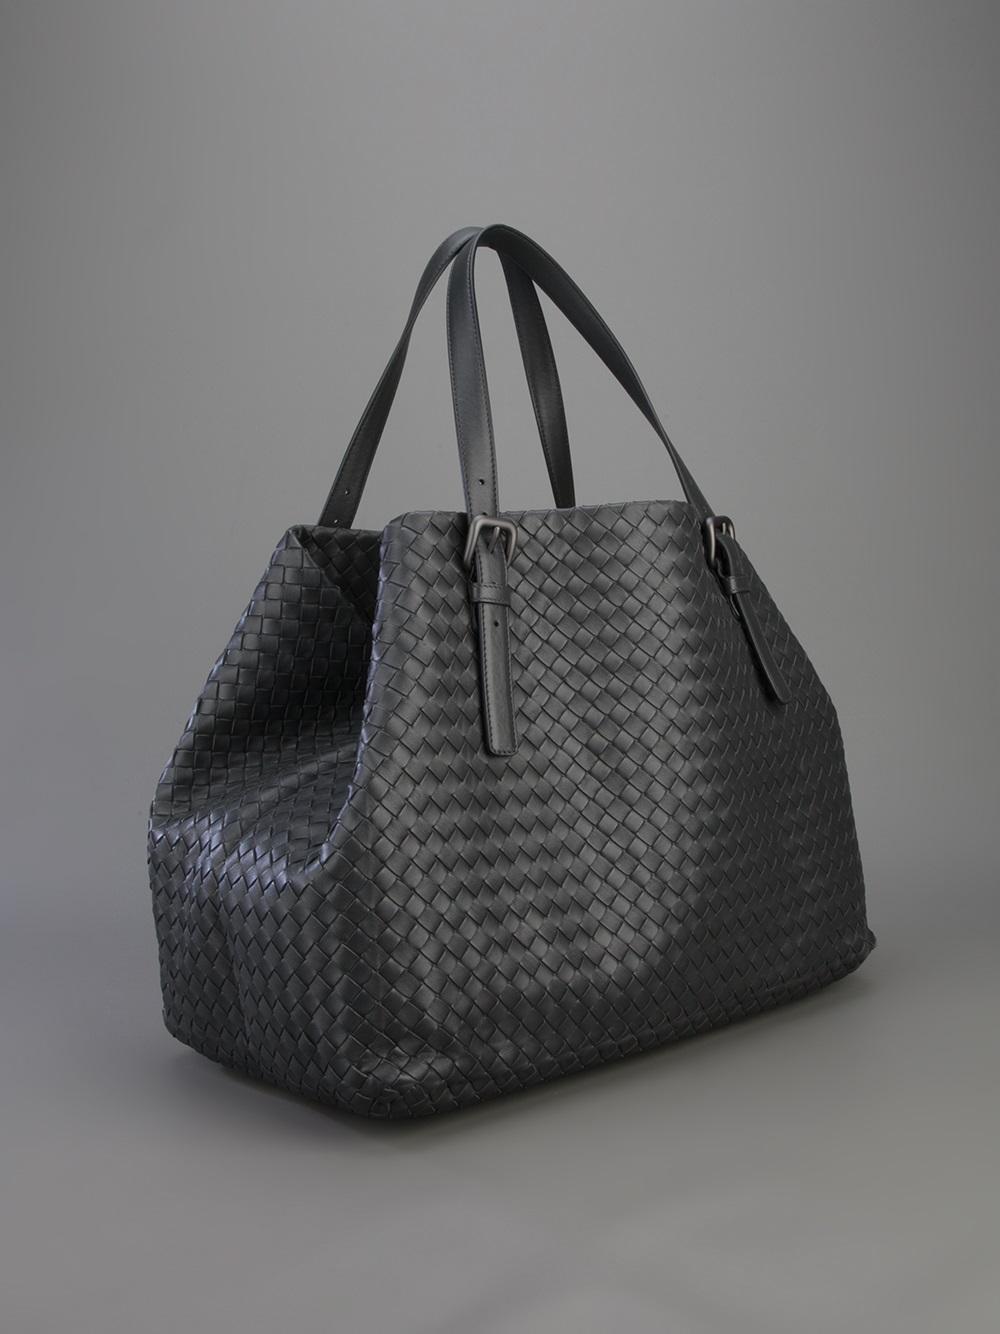 cc34b2ec1004 Bottega Veneta Intrecciato Tote Bag in Gray - Lyst